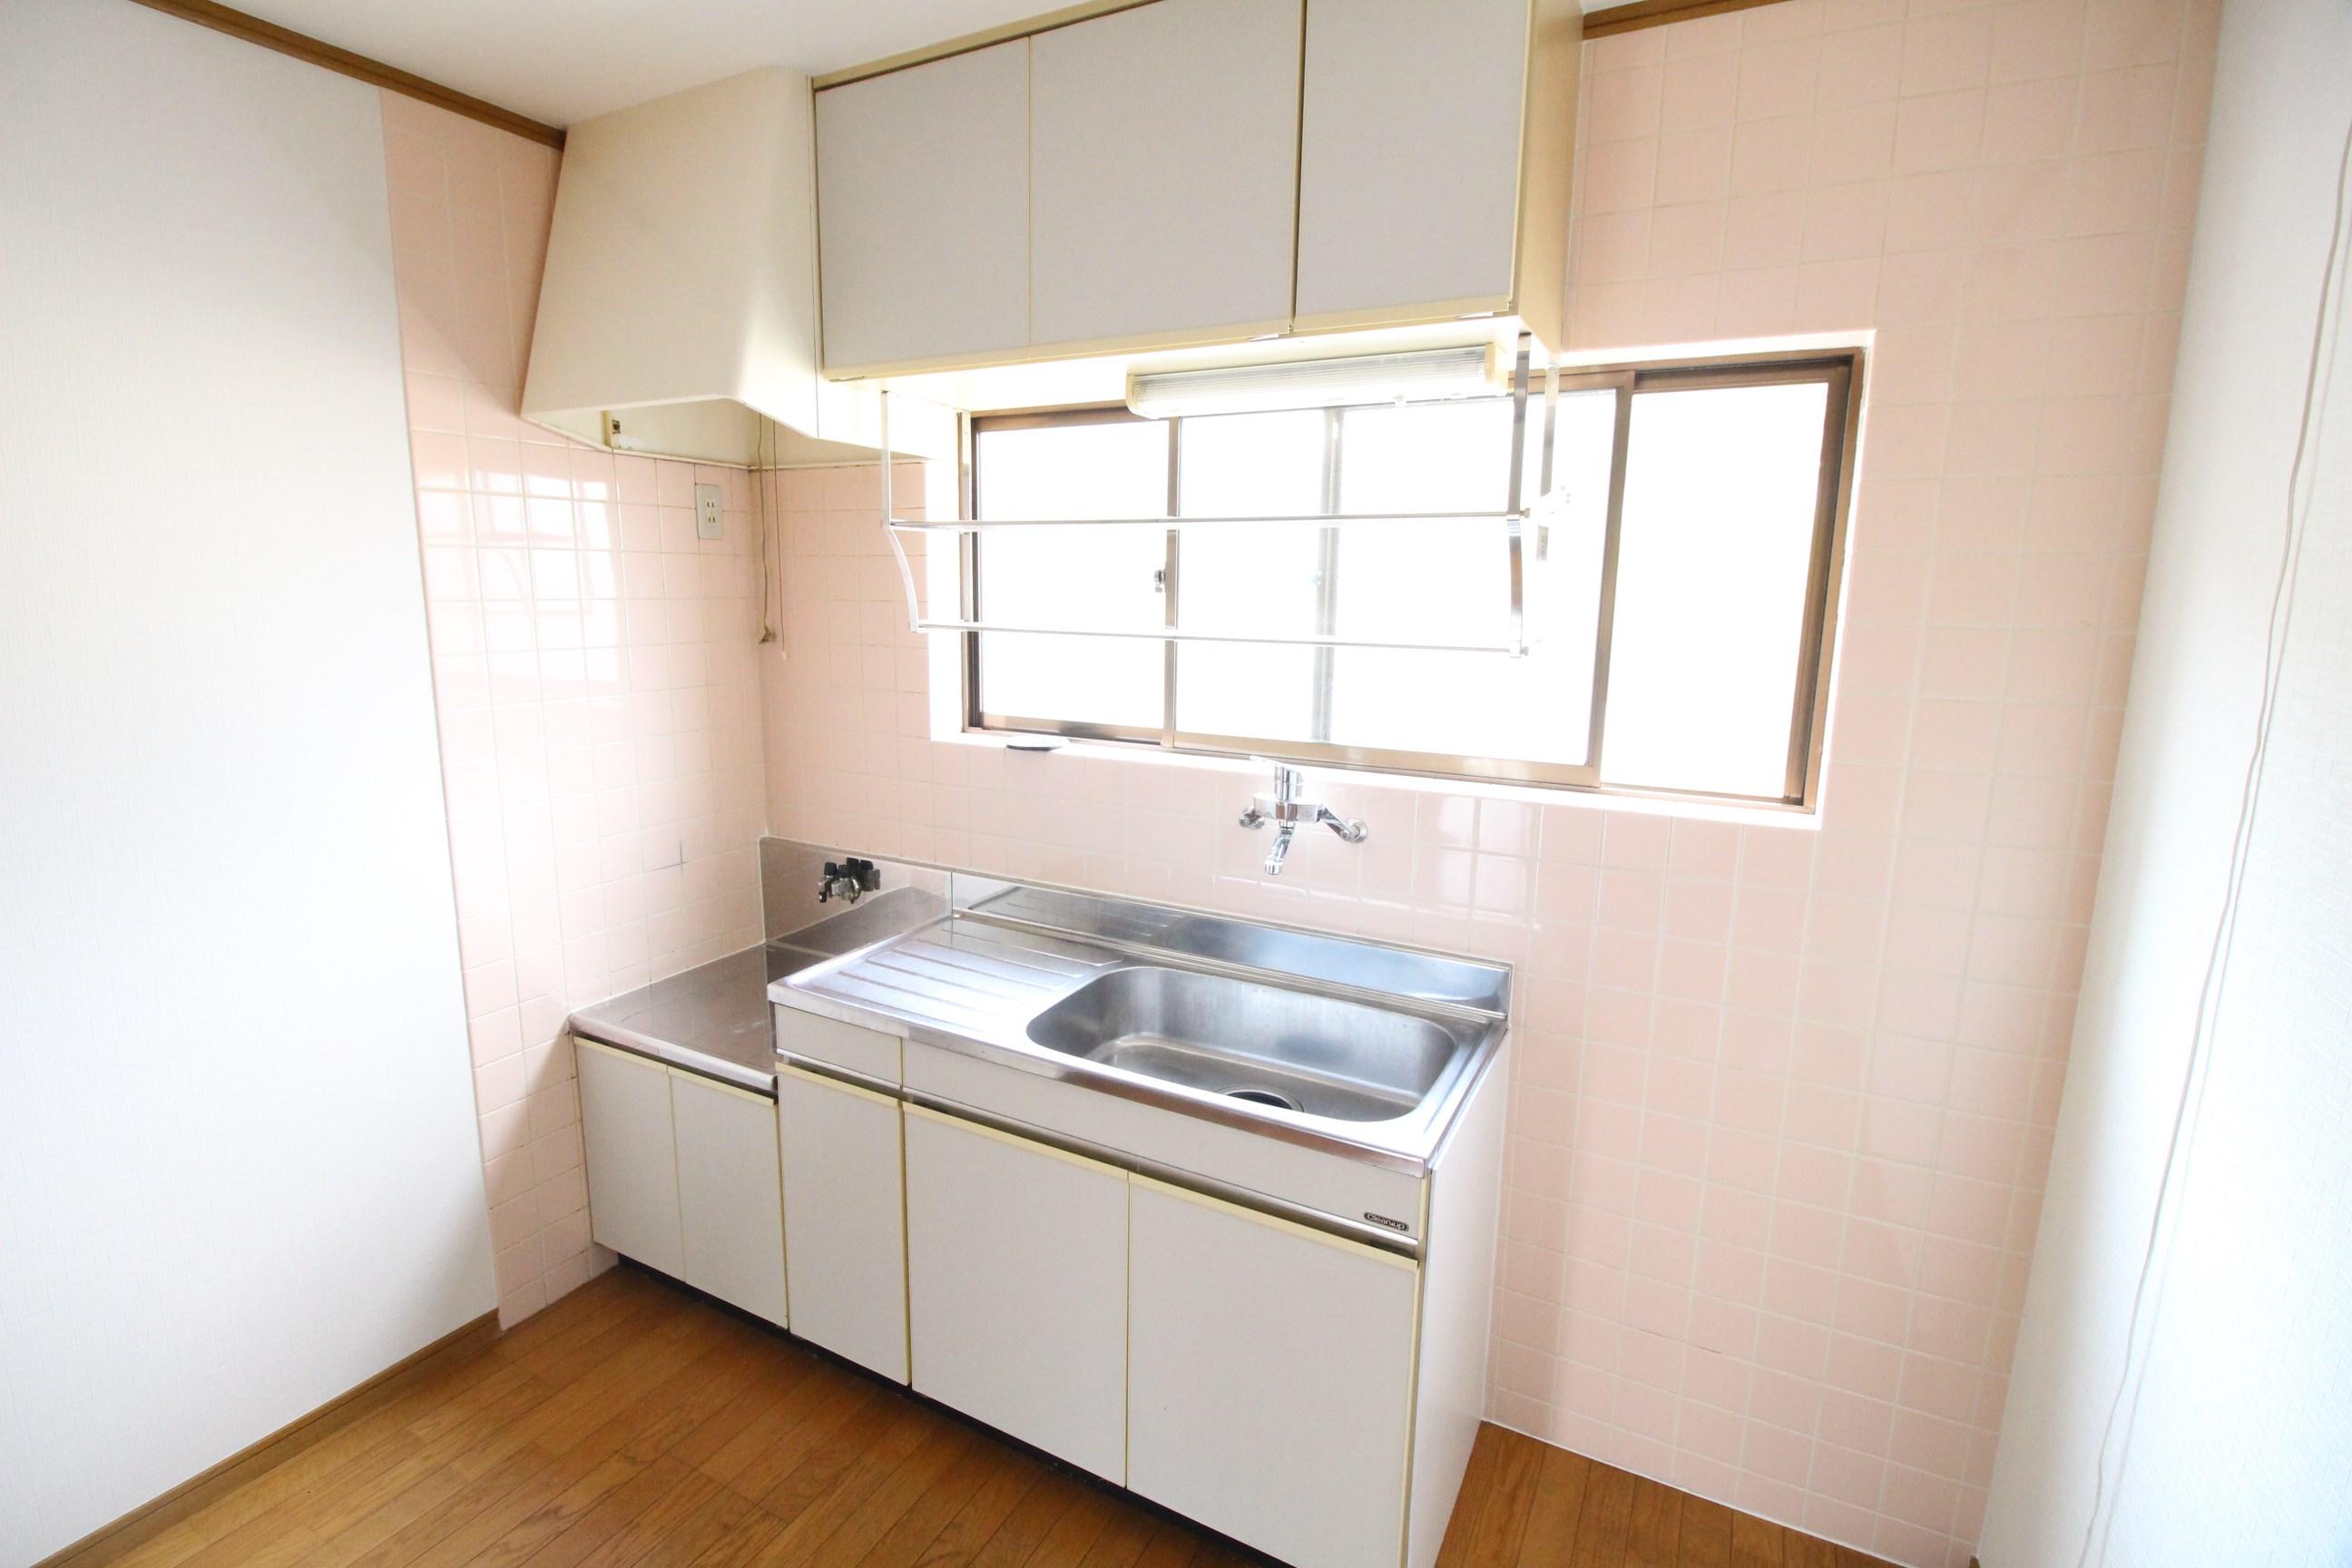 西大坪Mアパート キッチン